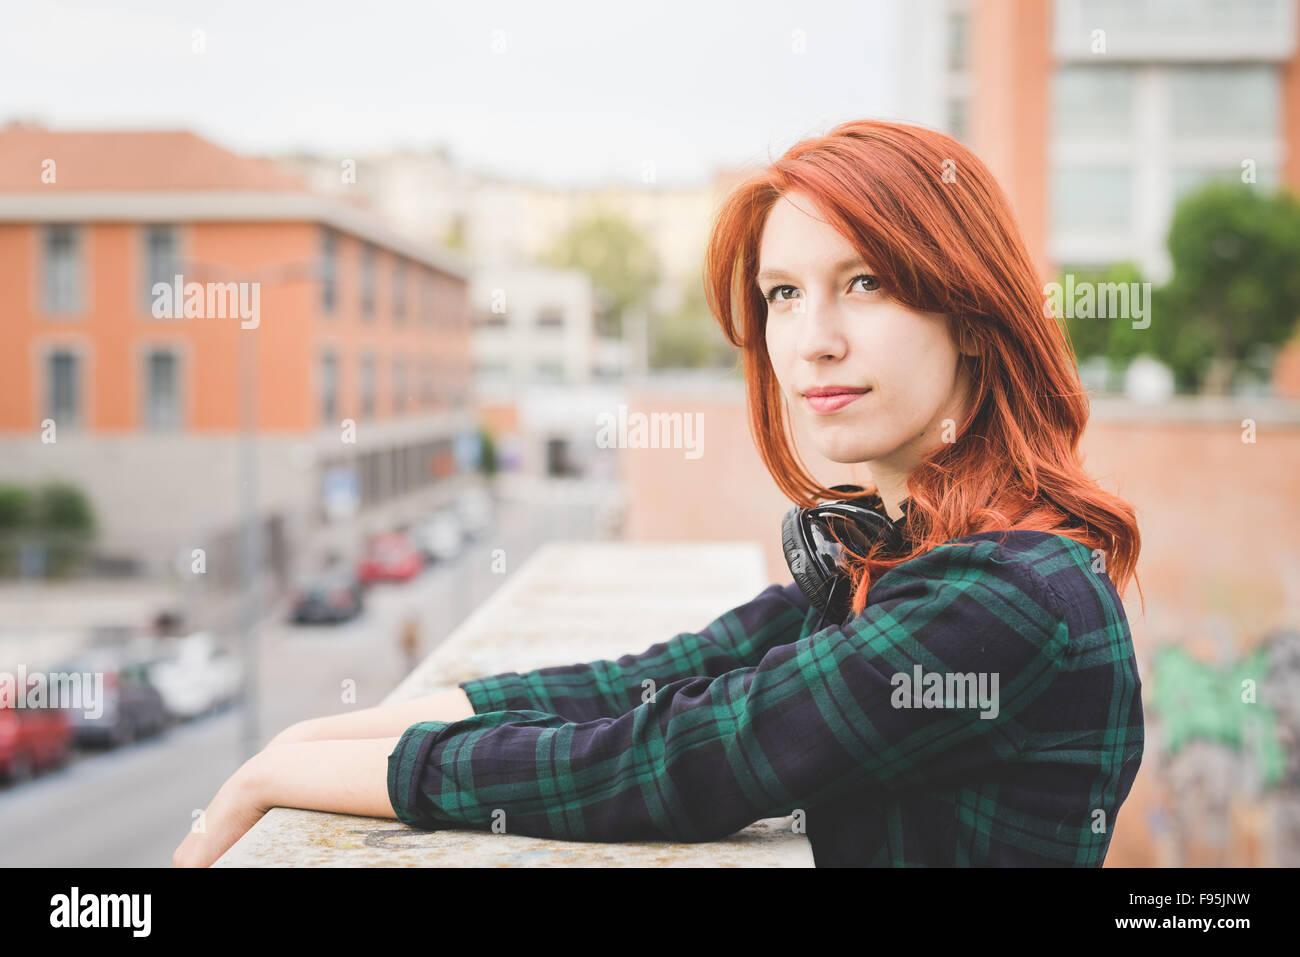 Demi-longueur de jeunes beau portrait rousse les cheveux droits femme appuyée sur une main courante, donnant Photo Stock